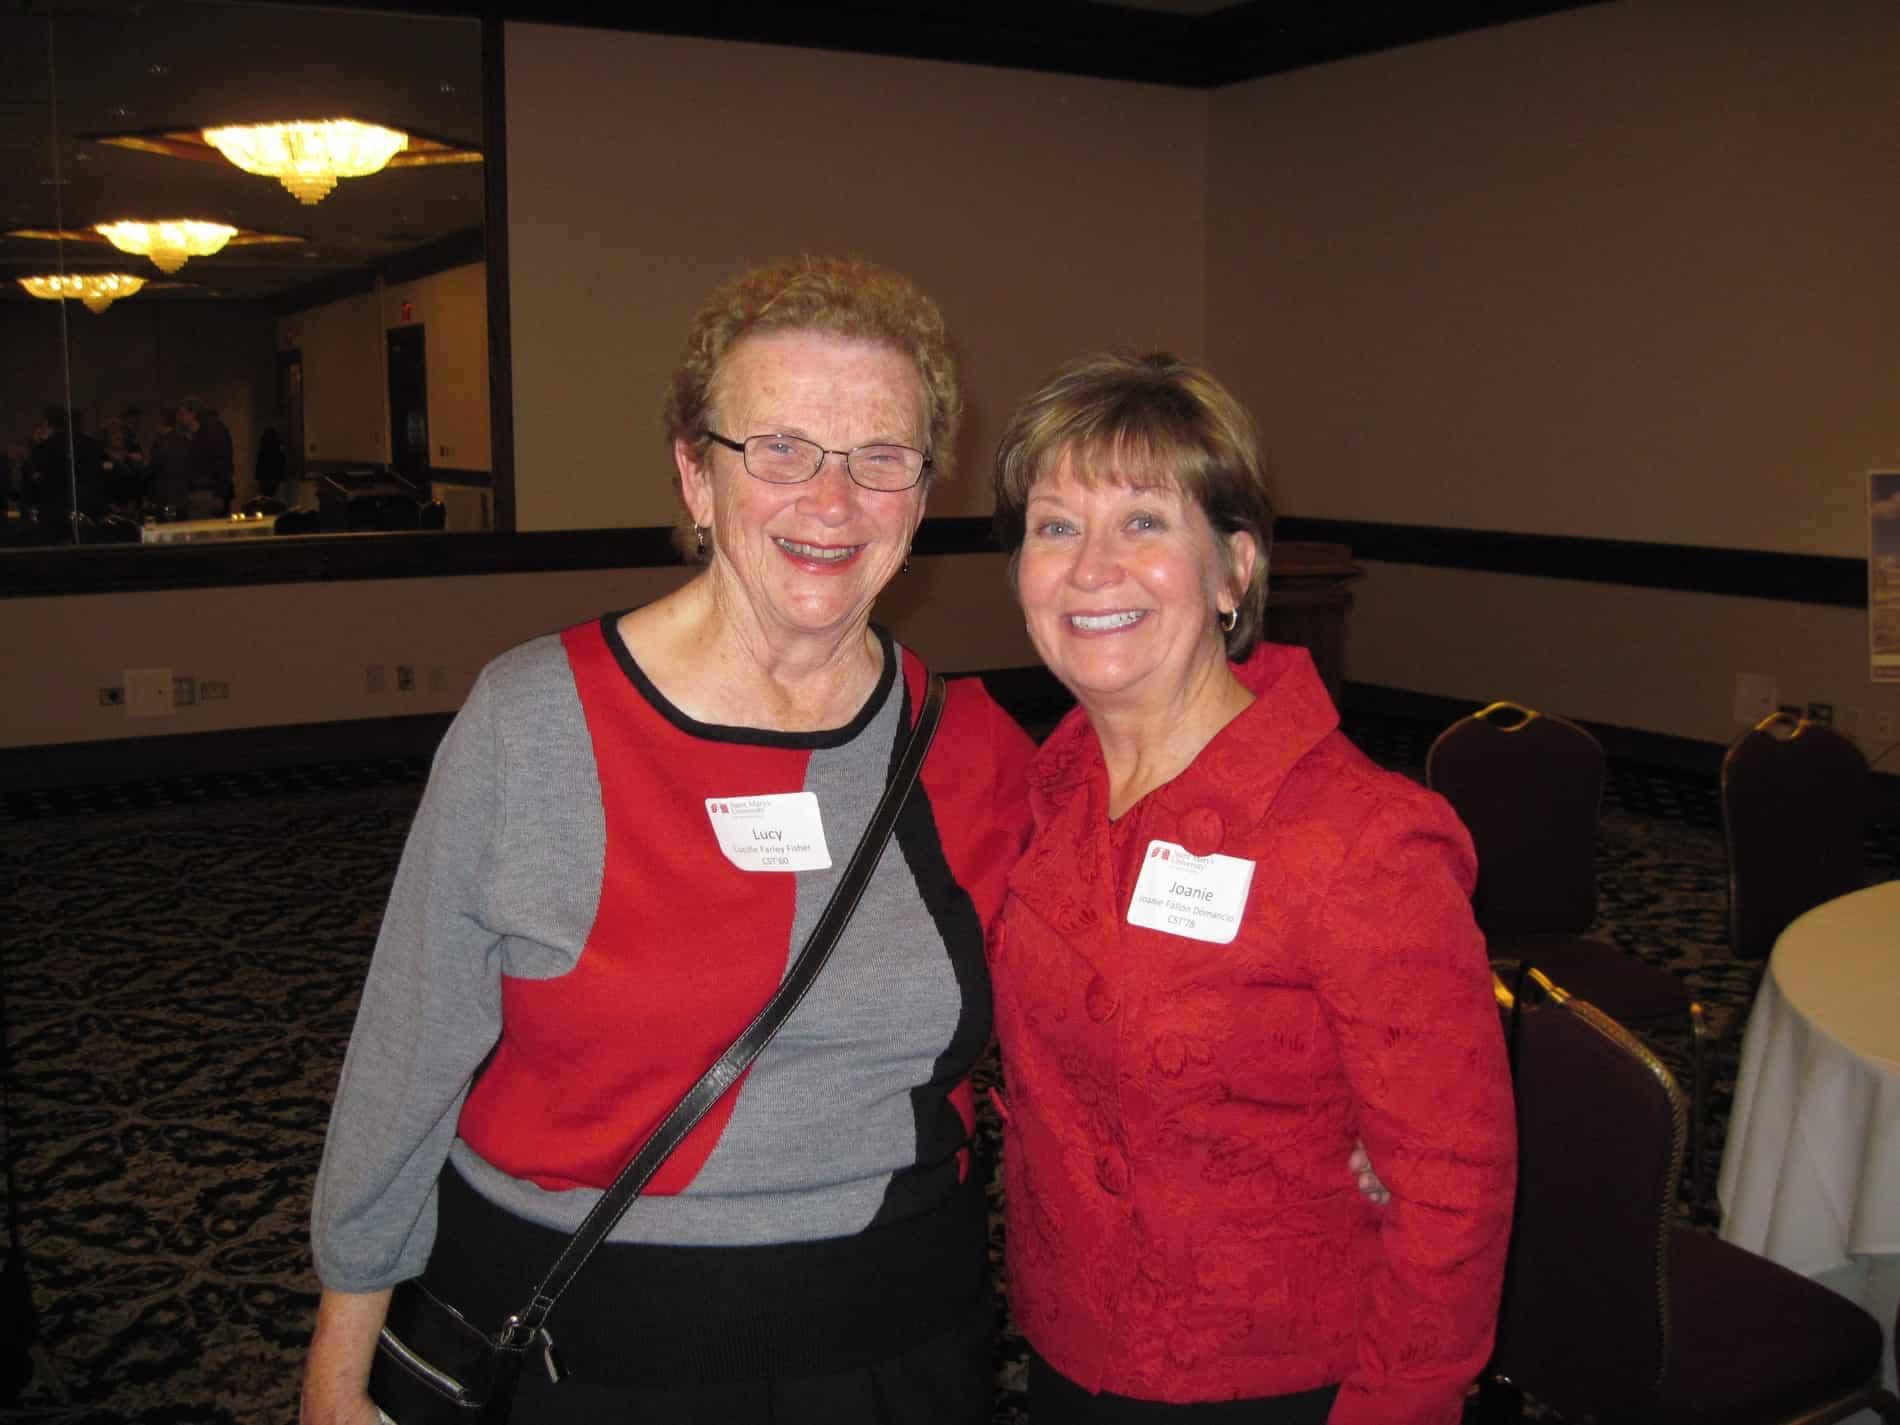 Lucy Farley Fisher & Joanie Domanico